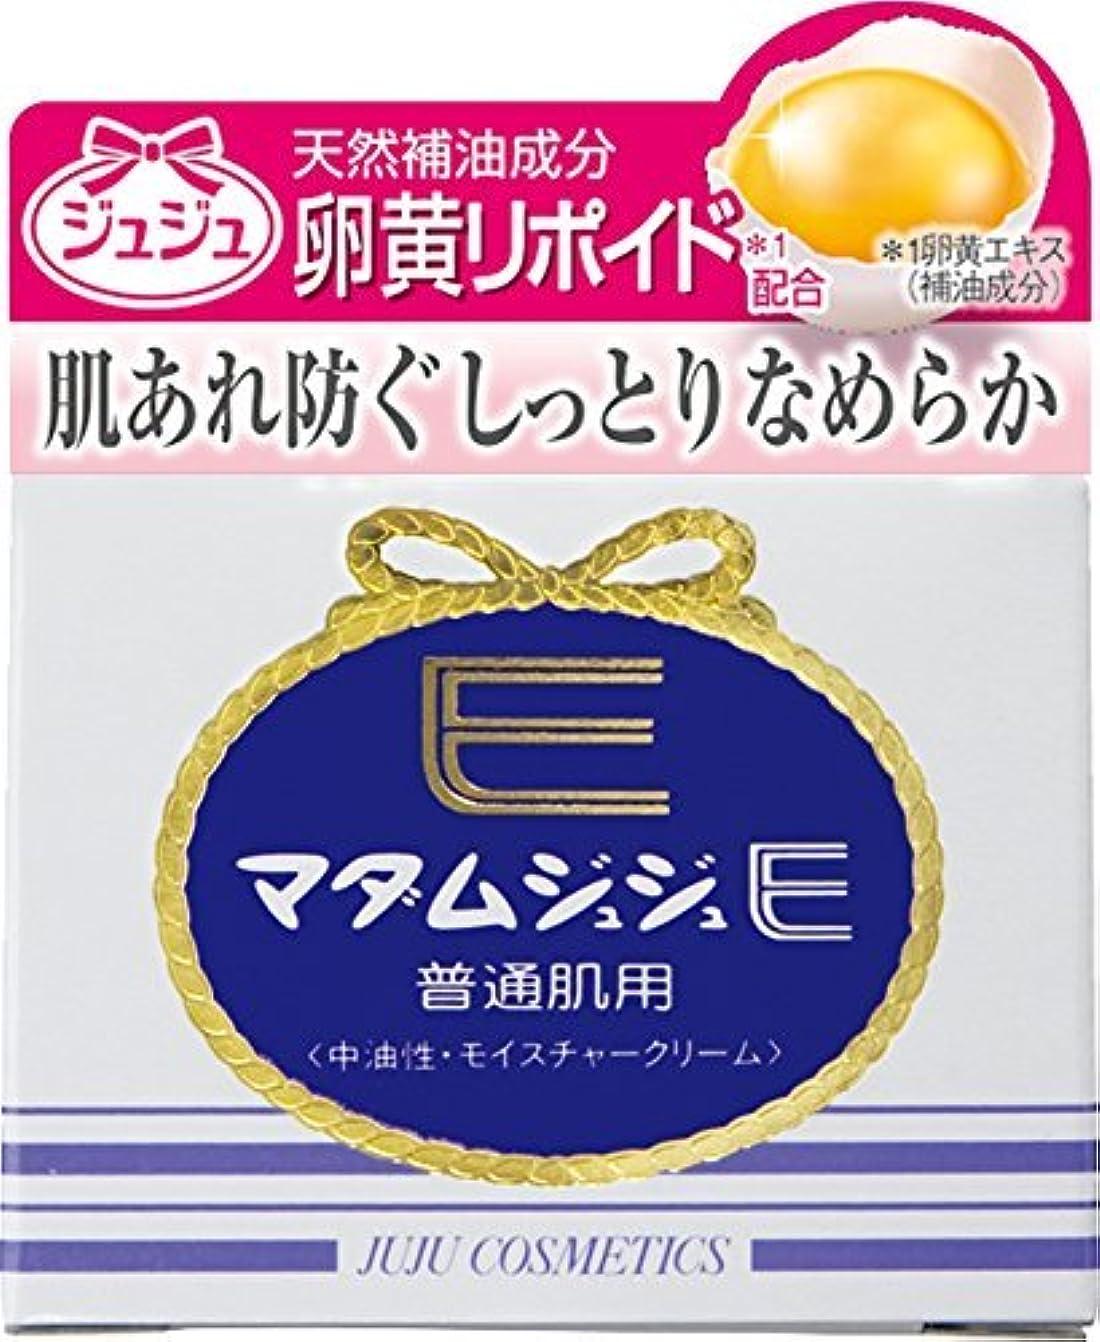 巨大子羊ブラケットマダムジュジュE クリーム ビタミンE+卵黄リポイド配合 52g